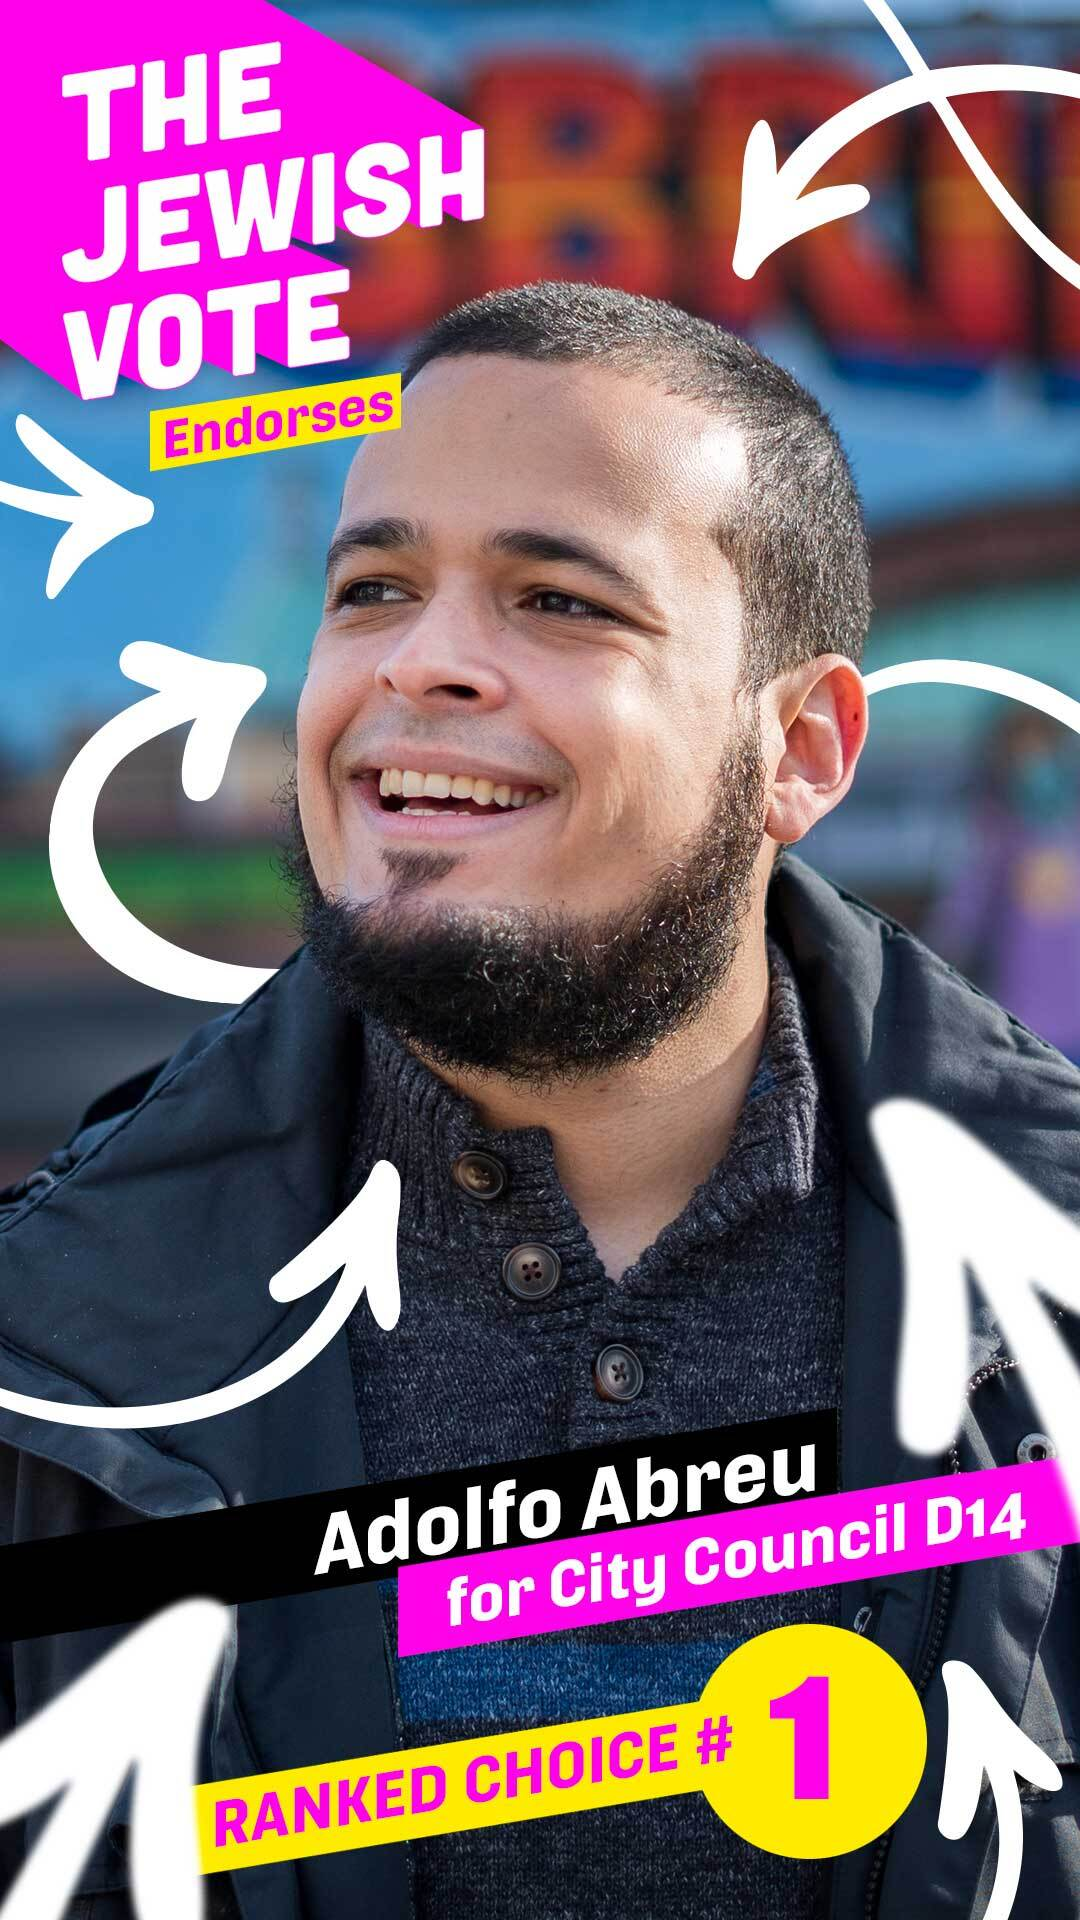 Adolfo Abreu